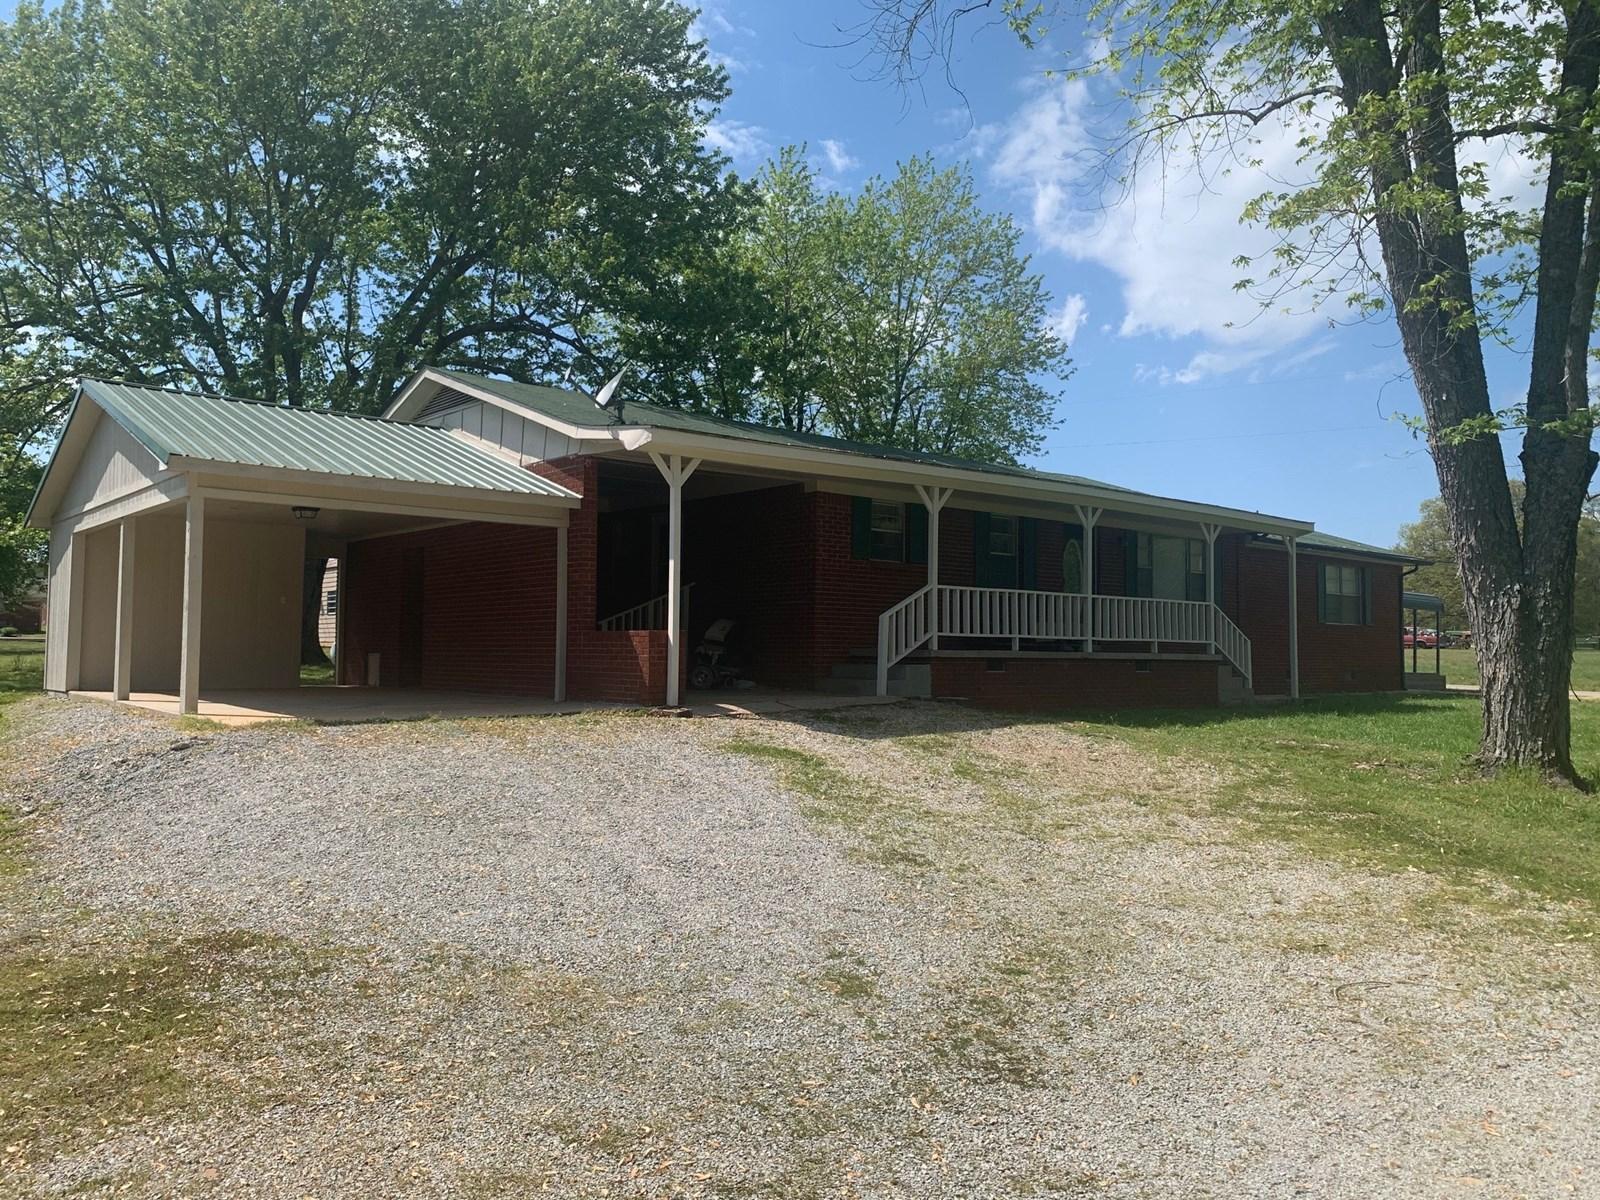 Brick Home & Shop in Maynard Arkansas